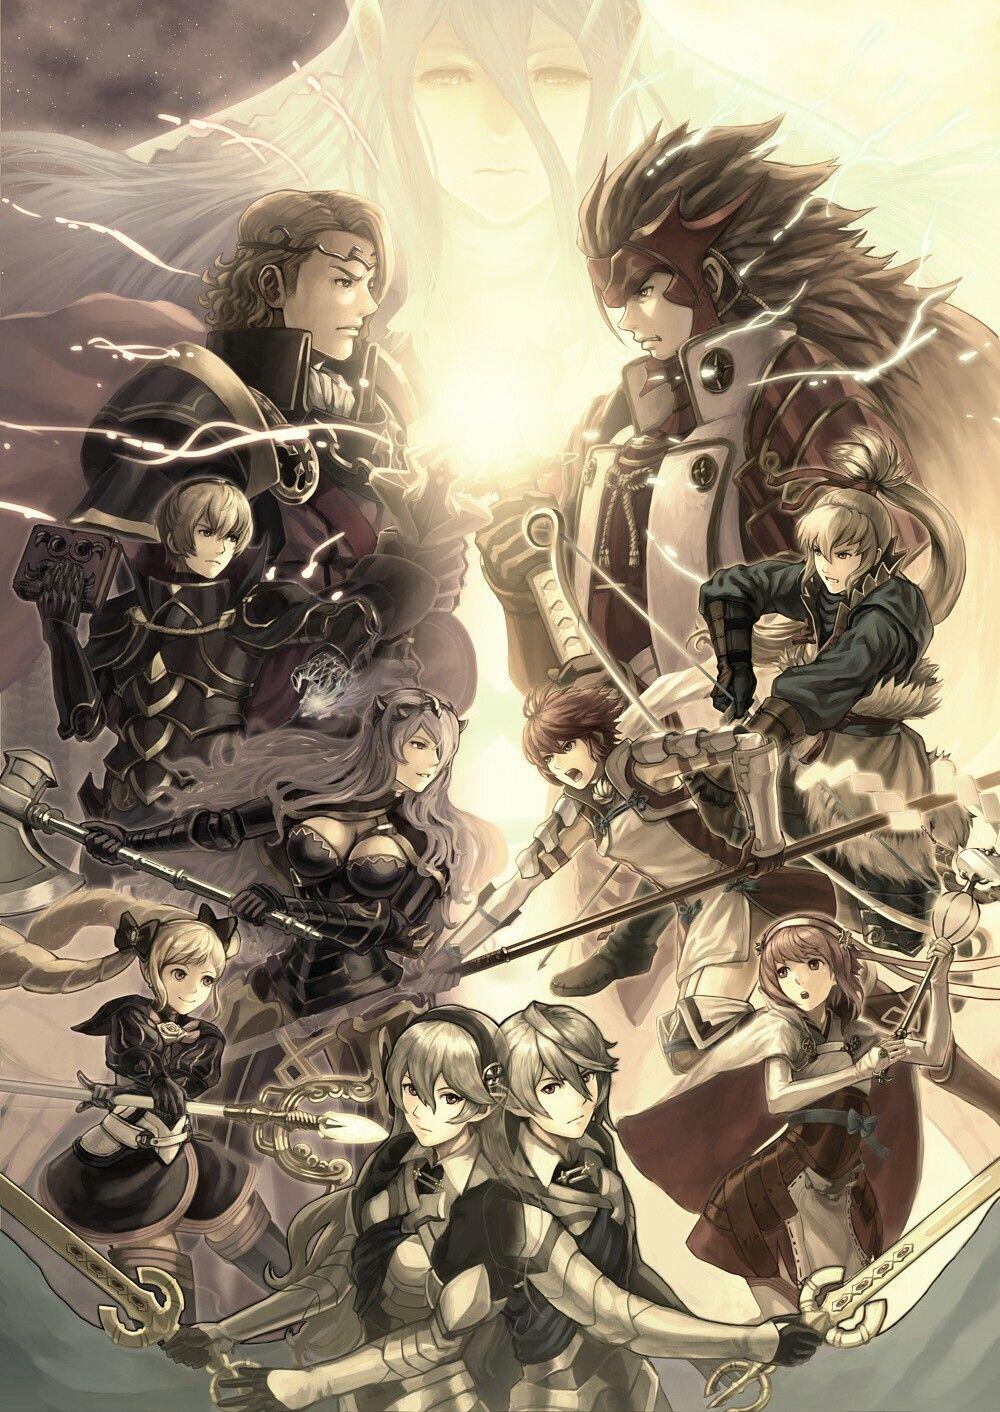 Fire Emblem Fates Wallpaper For Phone Fire Emblem Fates Fire Emblem Fire Emblem Heroes